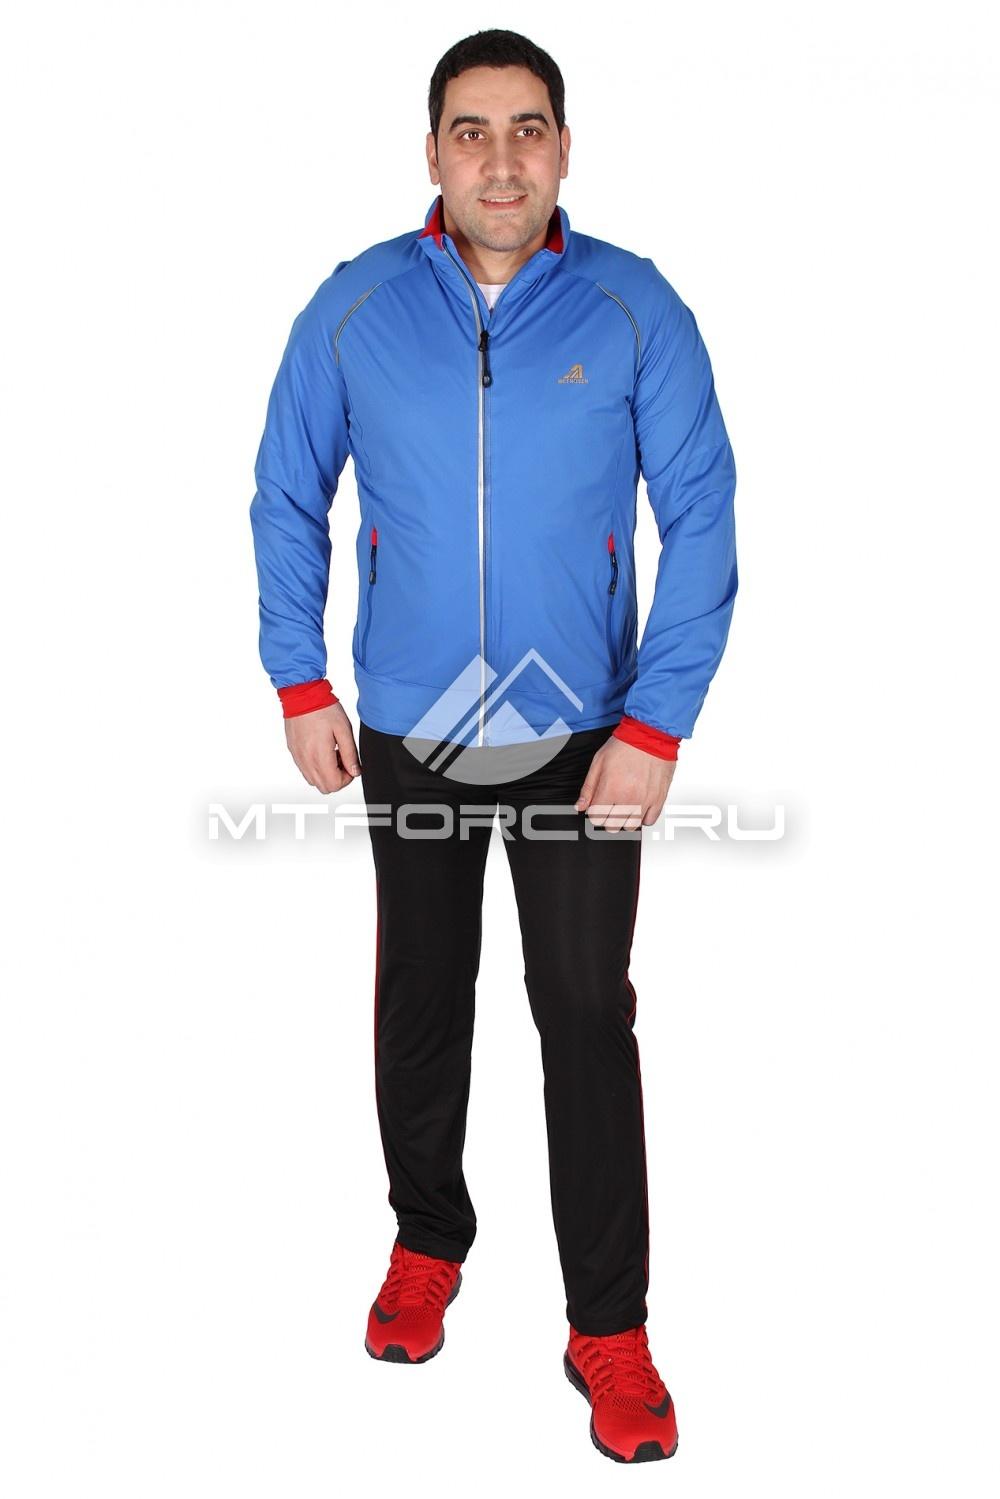 Купить                                  оптом Спортивный костюм мужской синего цвета 23157S